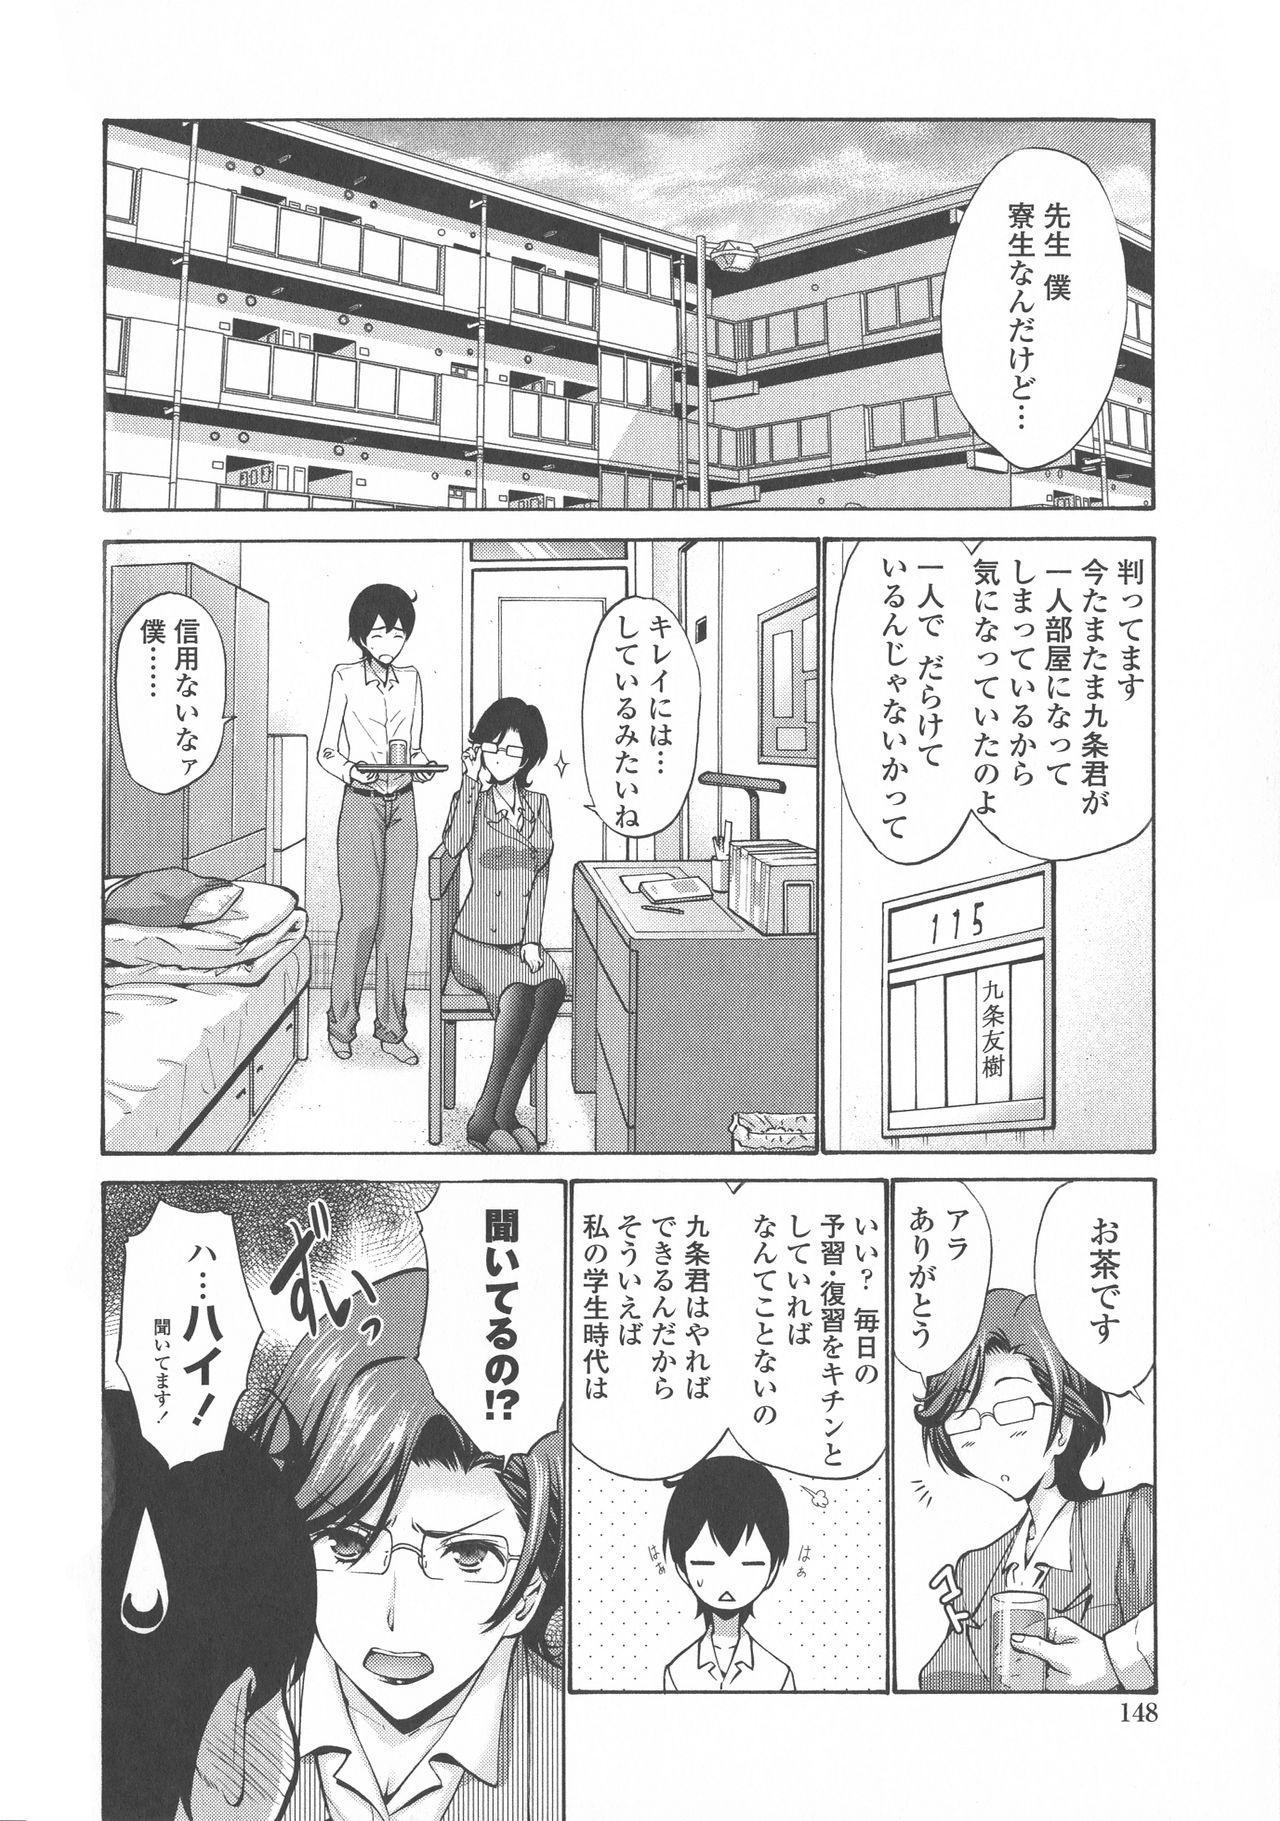 Tomodachi no Haha wa Boku no Mono - His Mother is My Love Hole 152